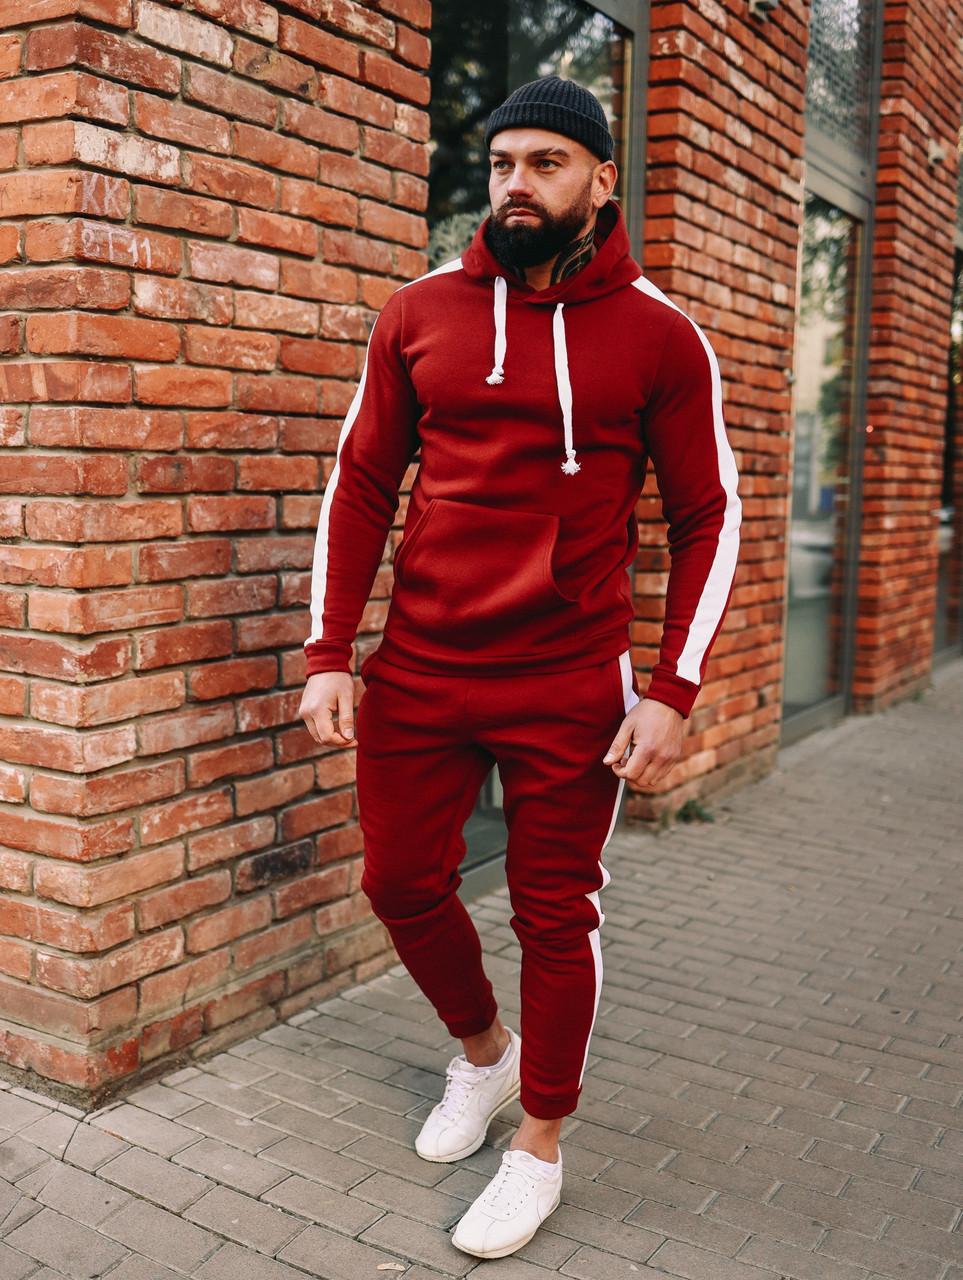 Зимовий червоний спортивний костюм з лампасами, спортивний костюм з лампасами